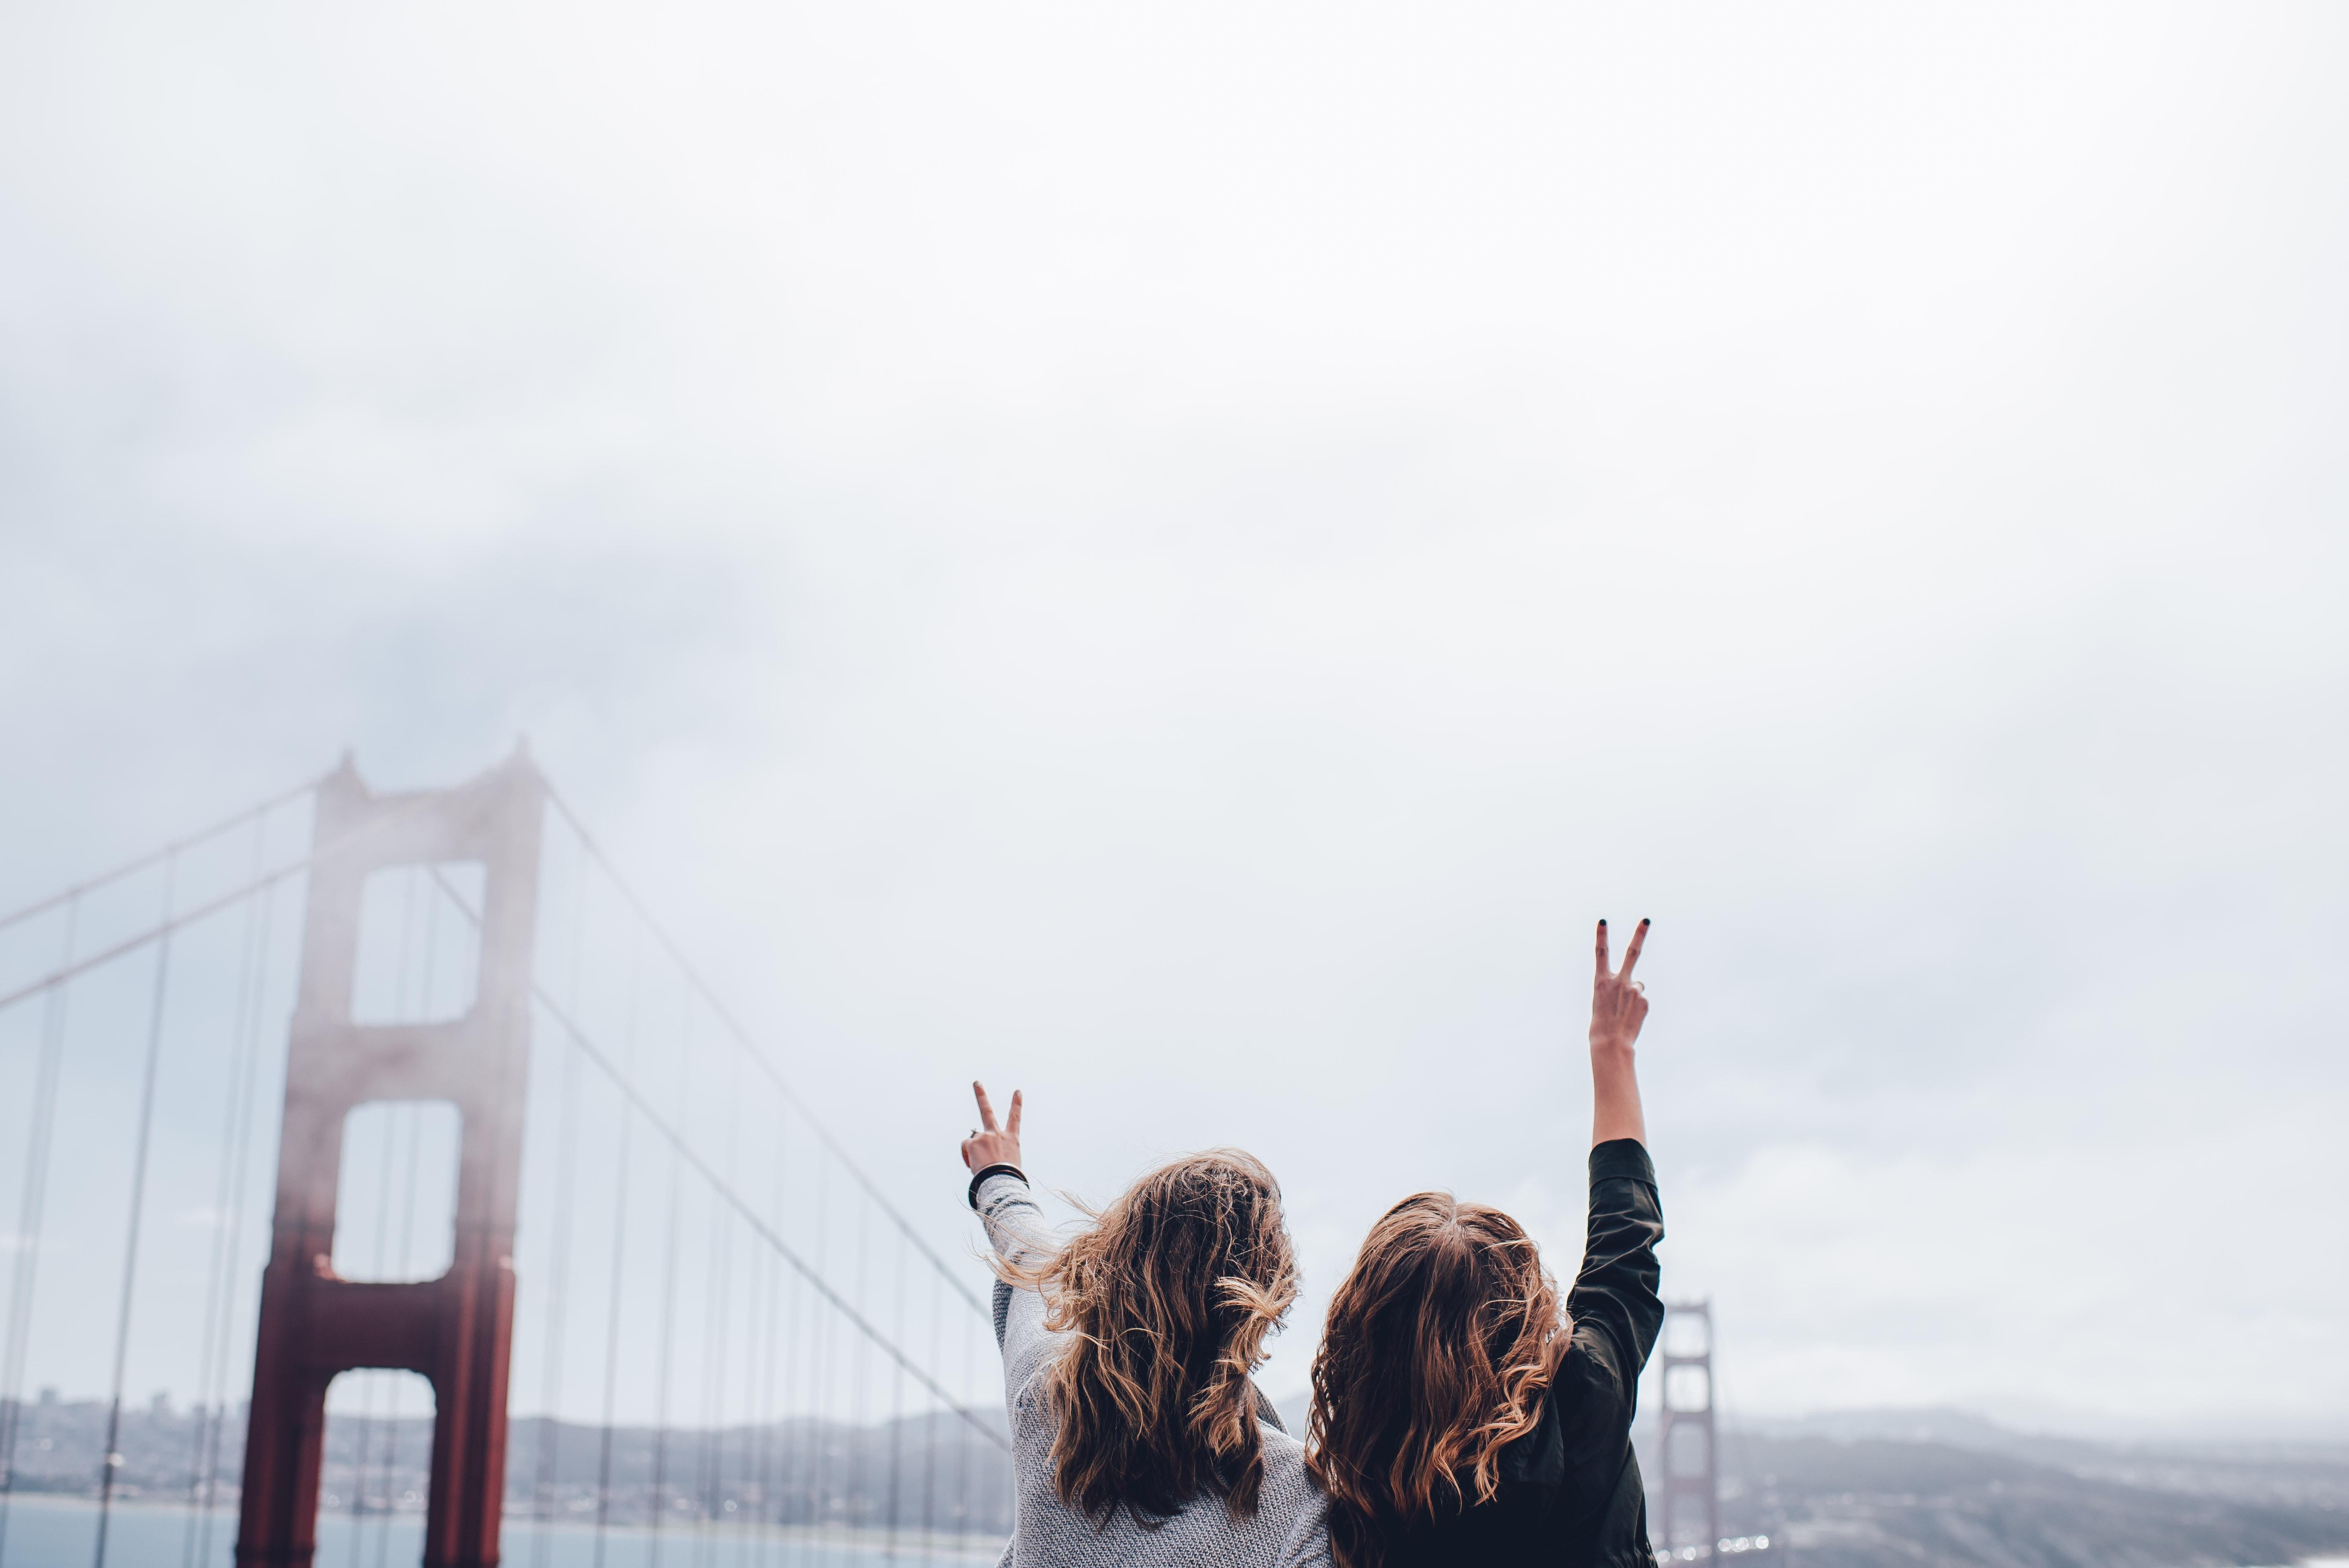 Как найти друзей, когда ты уже взрослый: 5 шагов к успеху